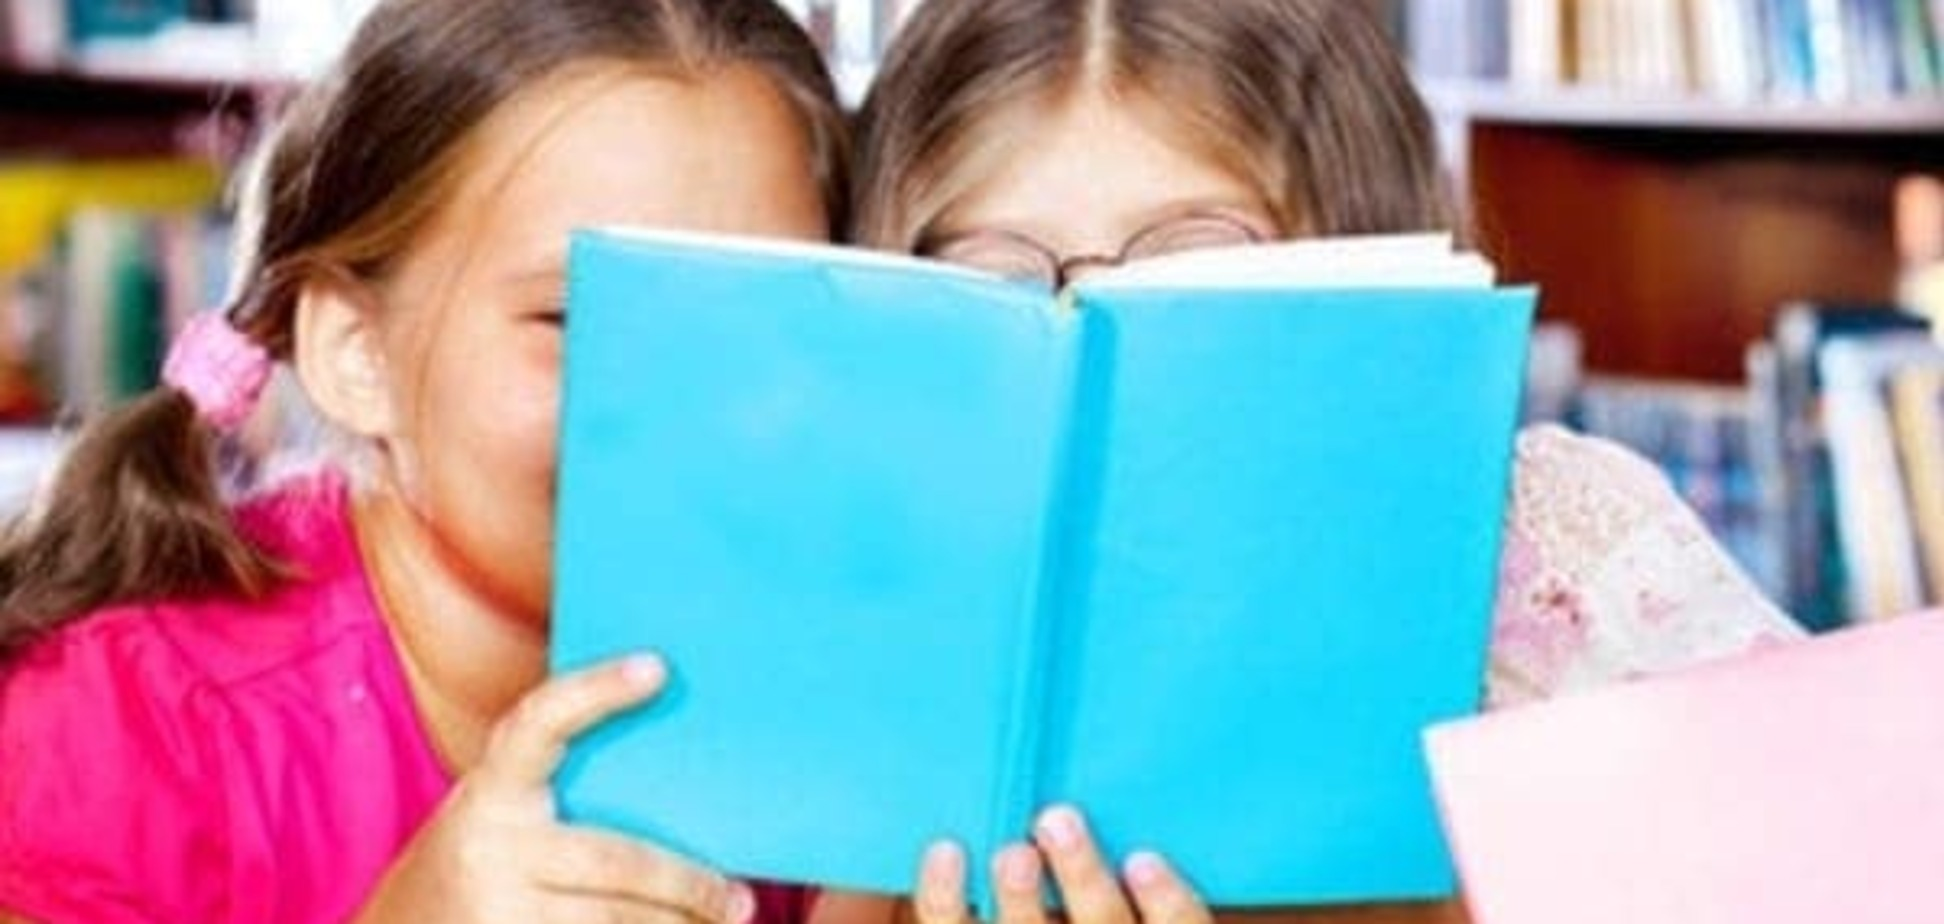 Дети, которые любят читать, в будущем зарабатывают больше других мальчиков и девочек